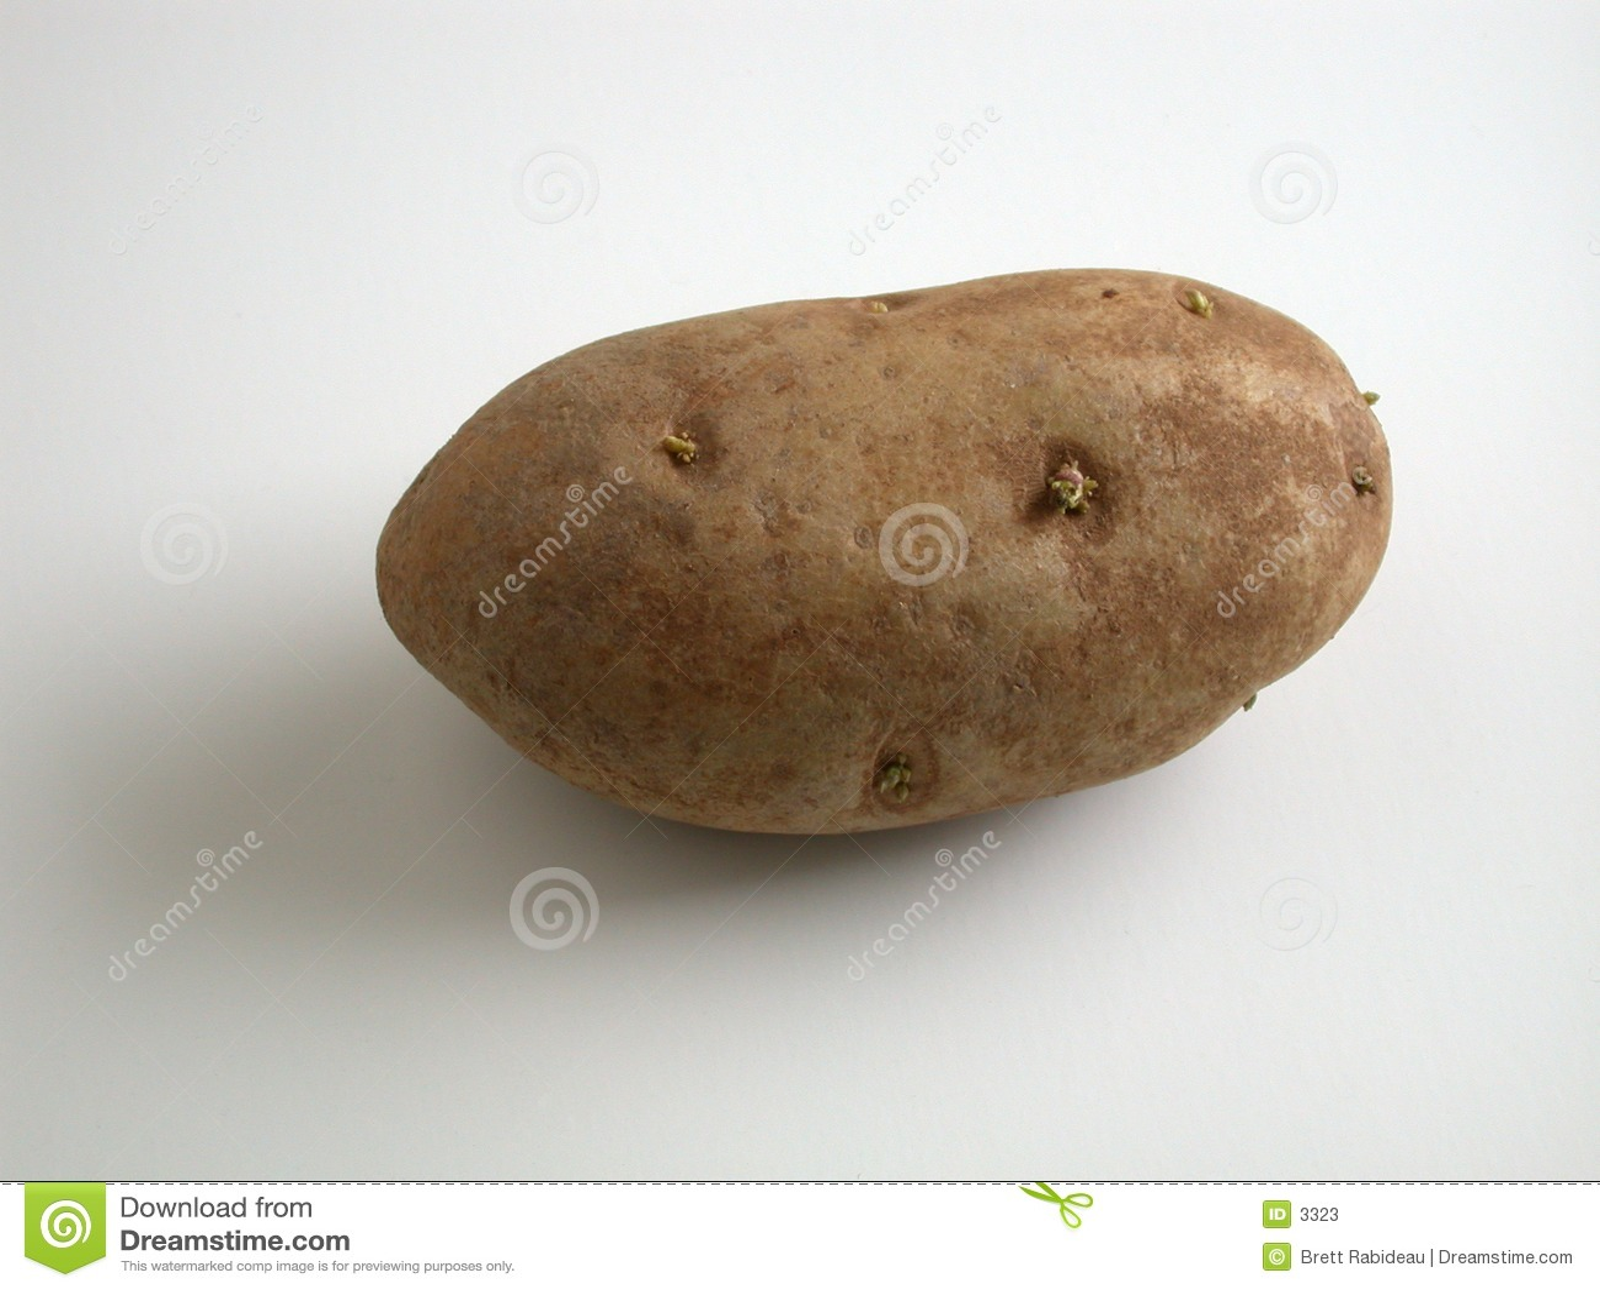 Ontspruitende Aardappel